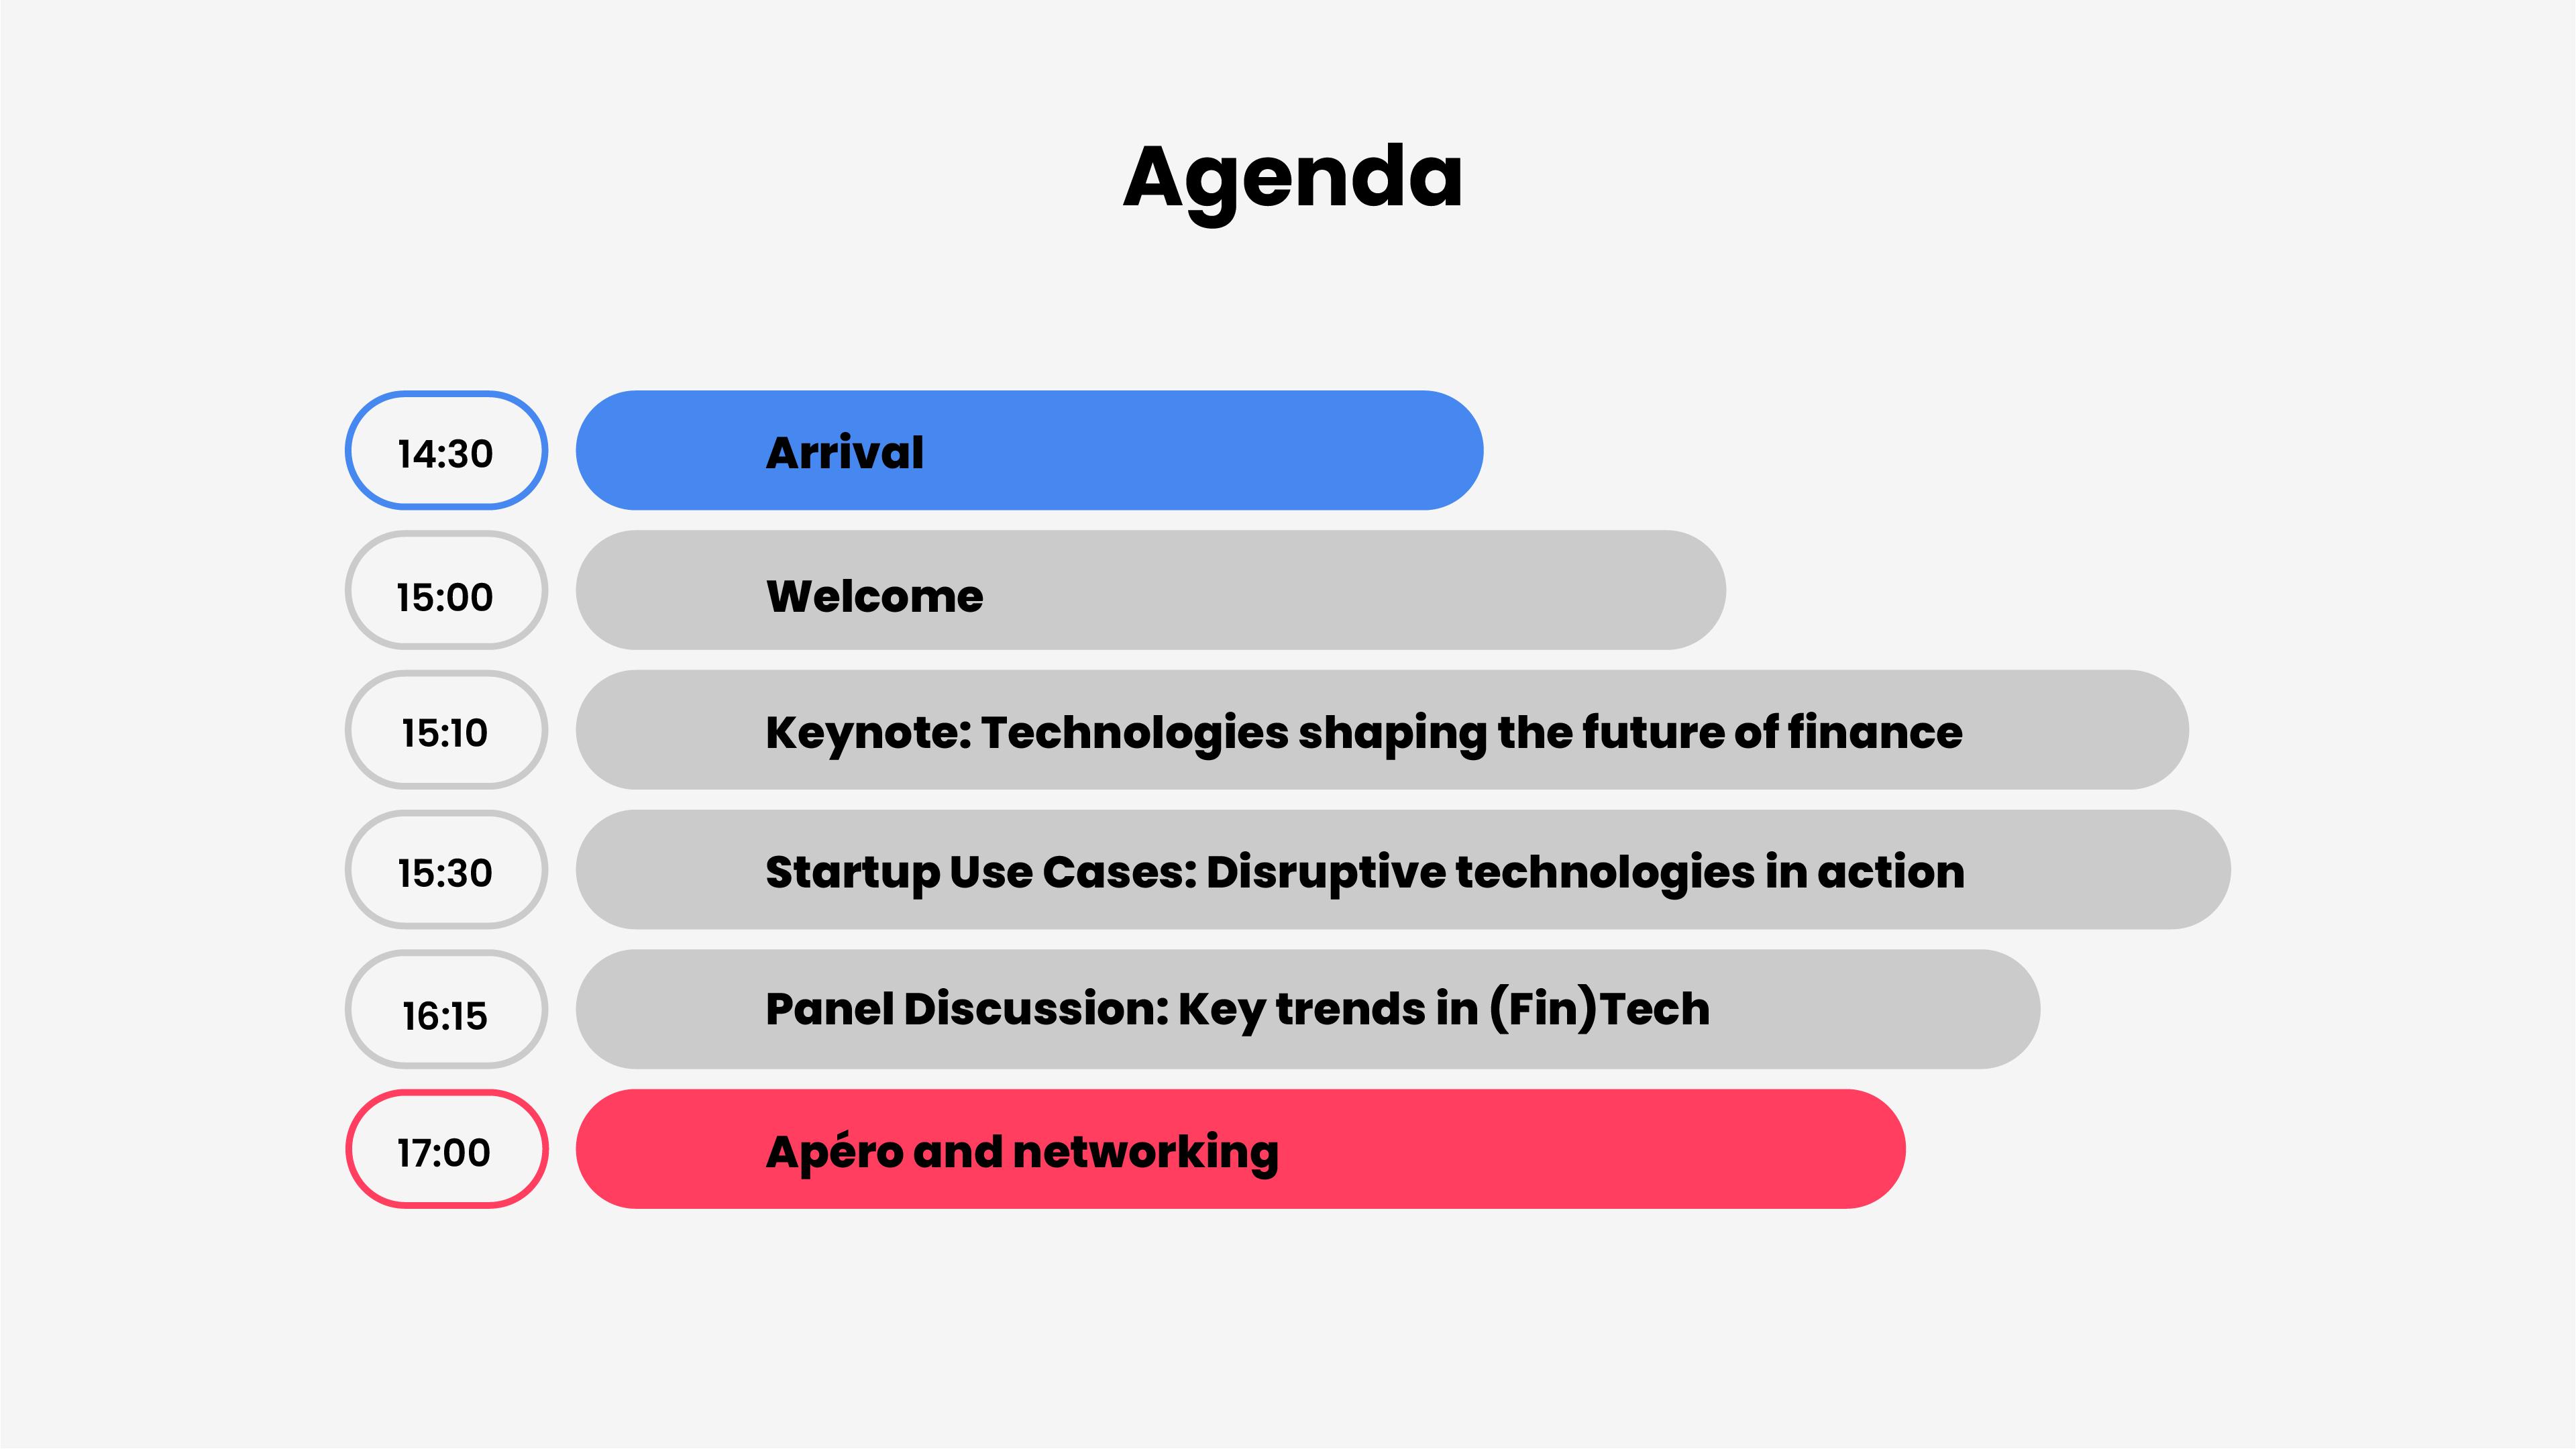 Agenda draft 3@2x